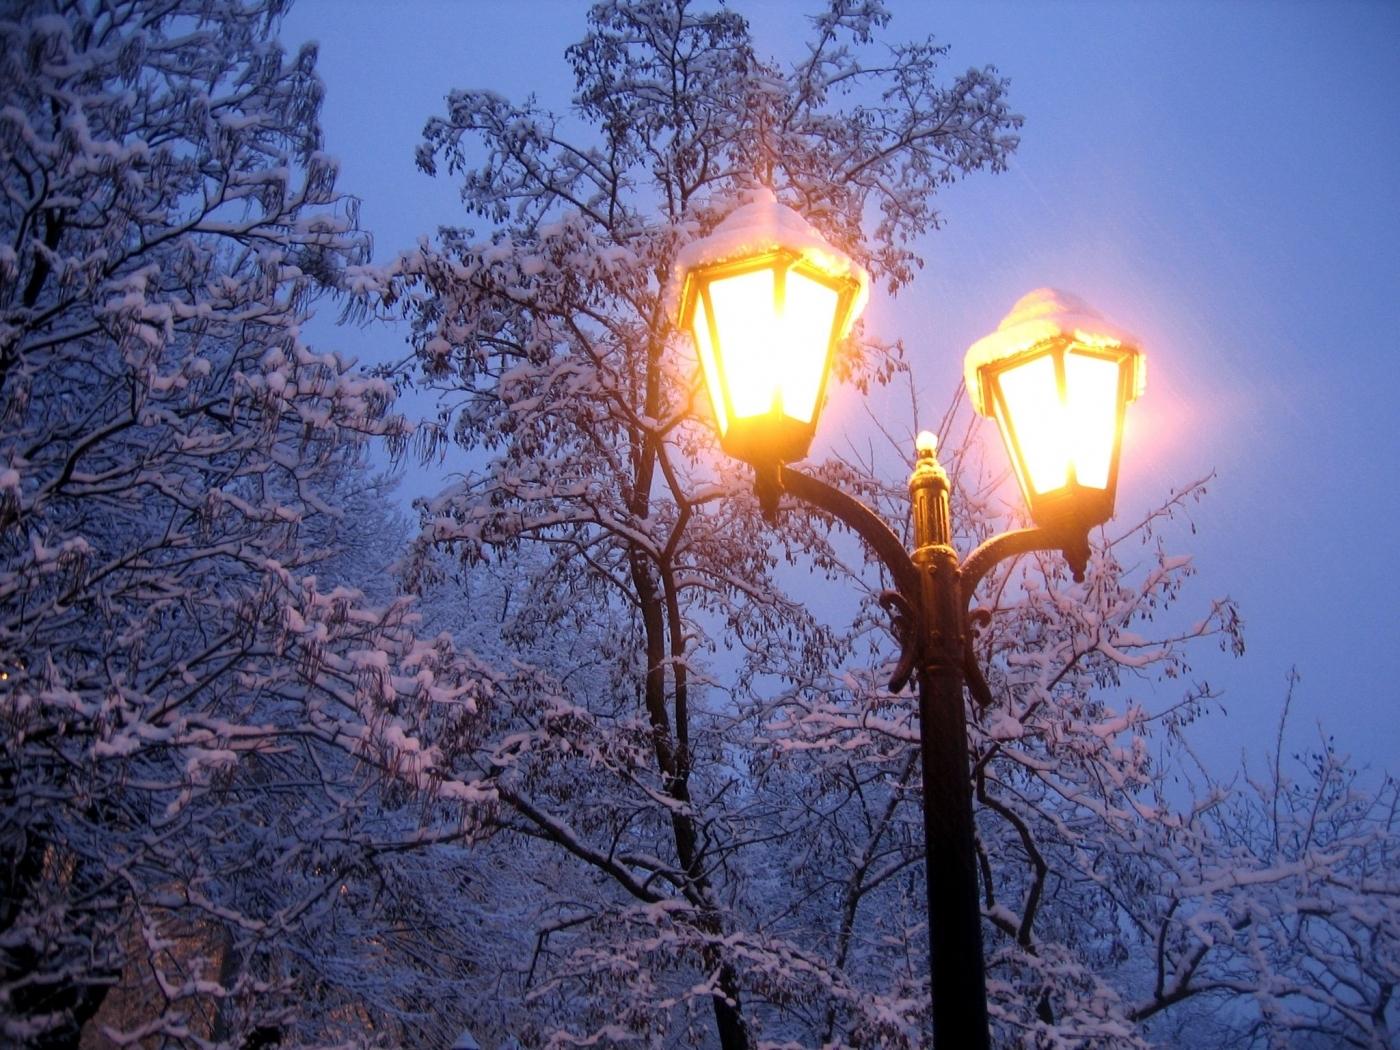 23487 скачать обои Пейзаж, Деревья, Ночь, Снег - заставки и картинки бесплатно